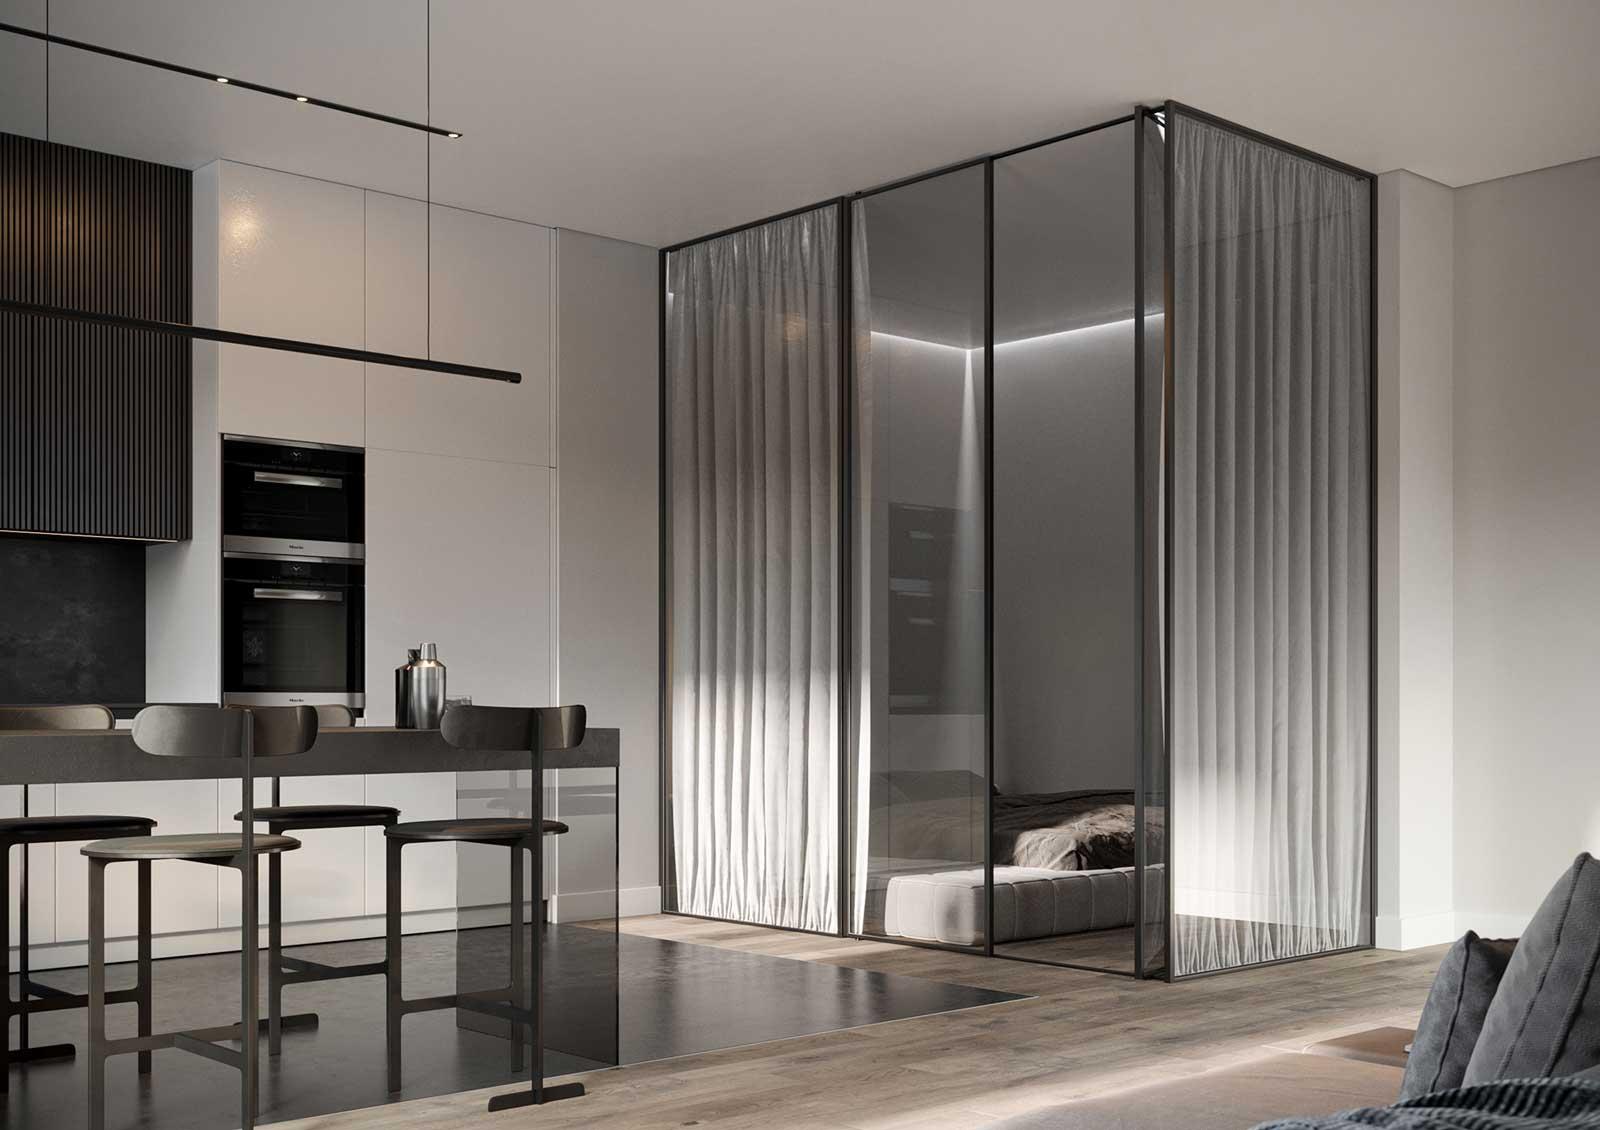 Un intérieur minimaliste avec une grande verrière pour séparer l'espace nuit de la salle de séjour